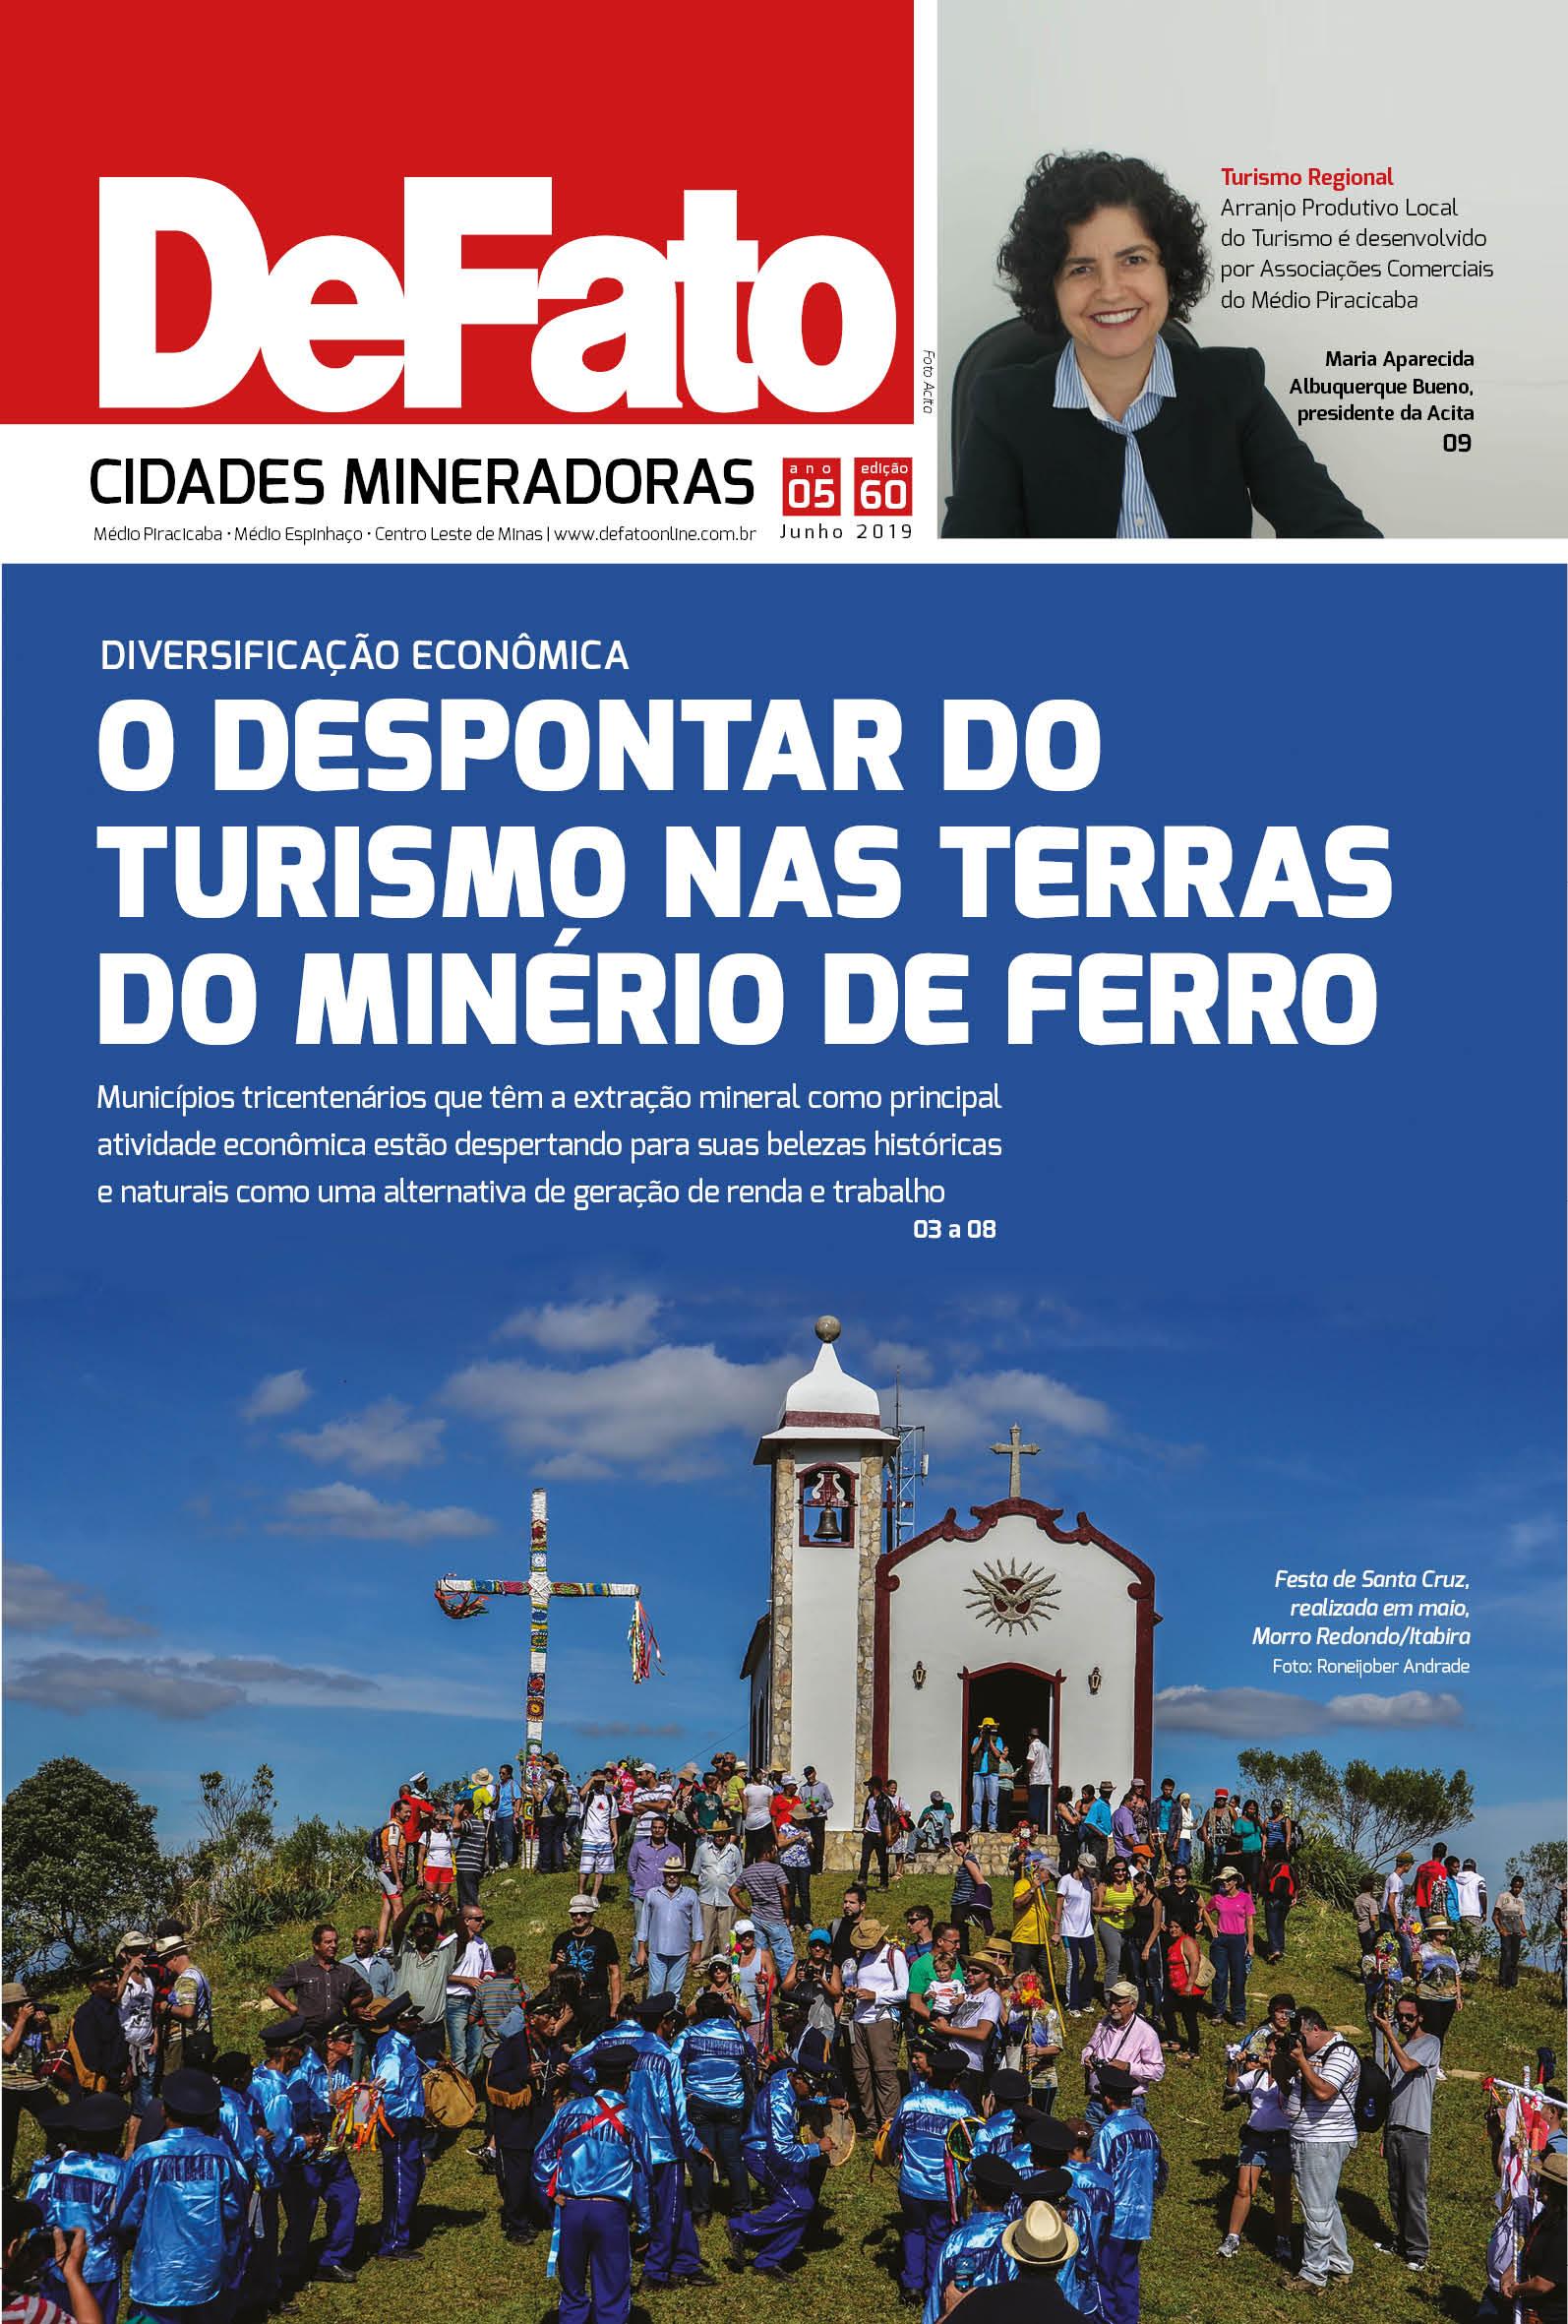 Jornal DeFato Cidades Mineradoras - Edição 60